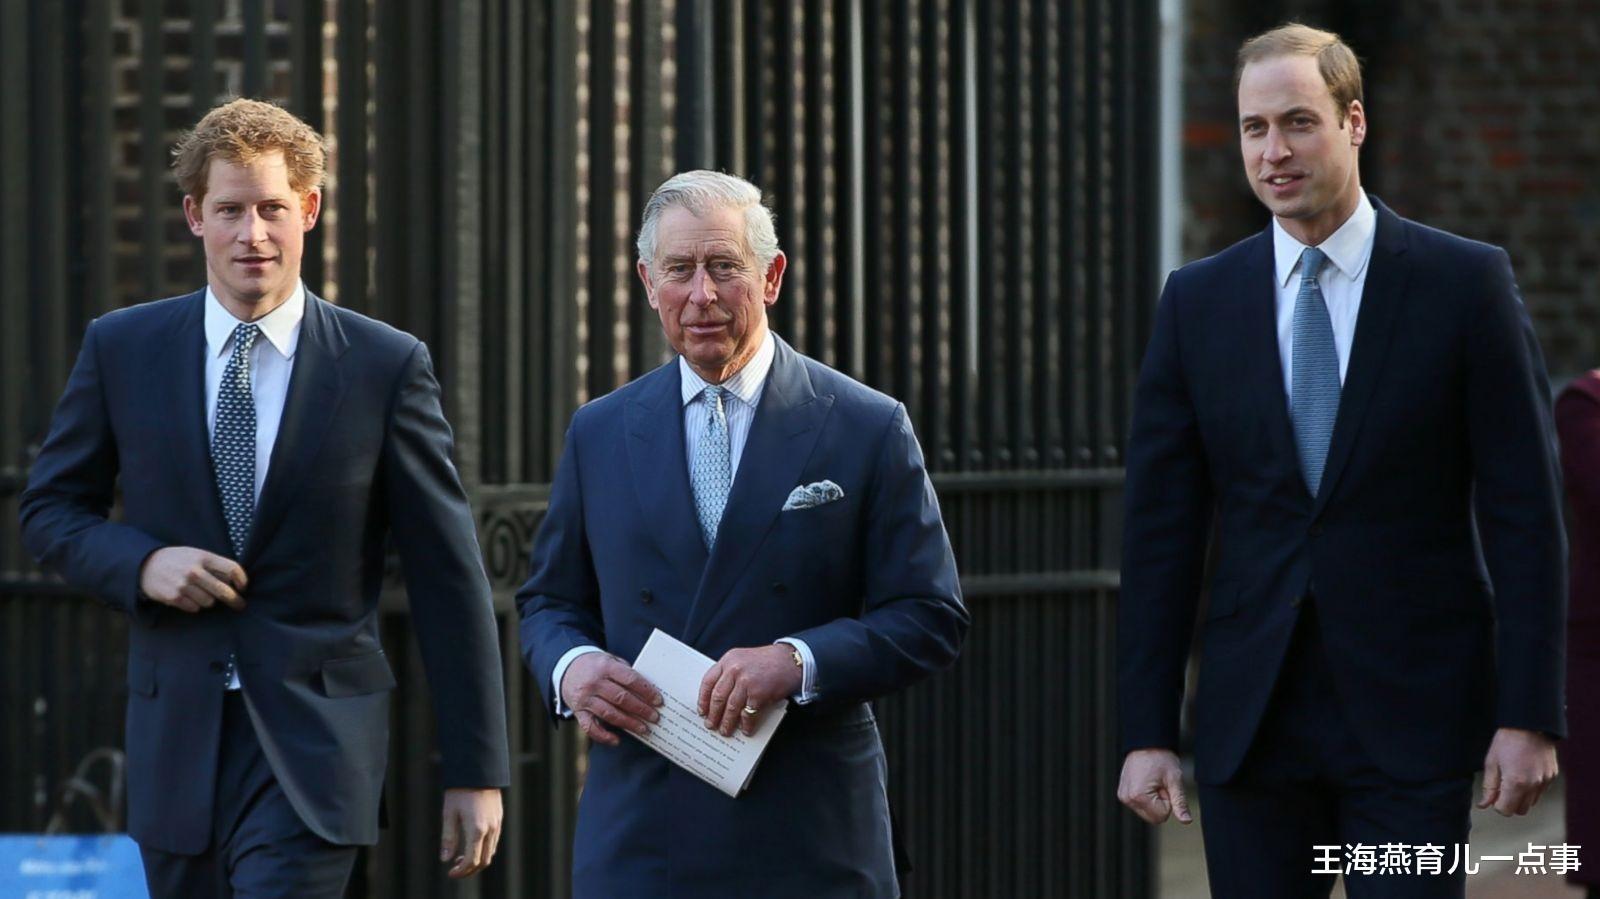 哈里的父亲查尔斯王子已经威胁,如果他们完全抛弃与王室的关系,令外界震惊